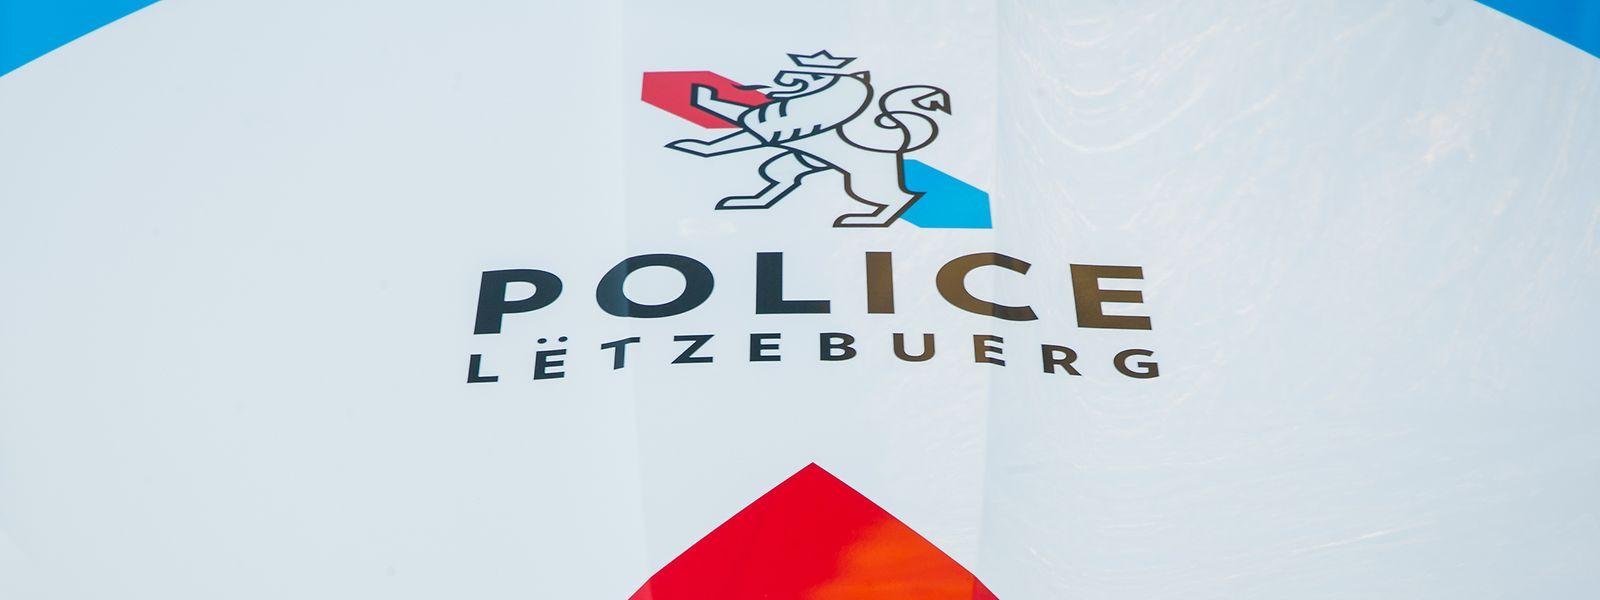 Namen von Personen, die in einem Polizeibericht aufgetaucht sind, bleiben oft noch Jahre in der Datenbank.